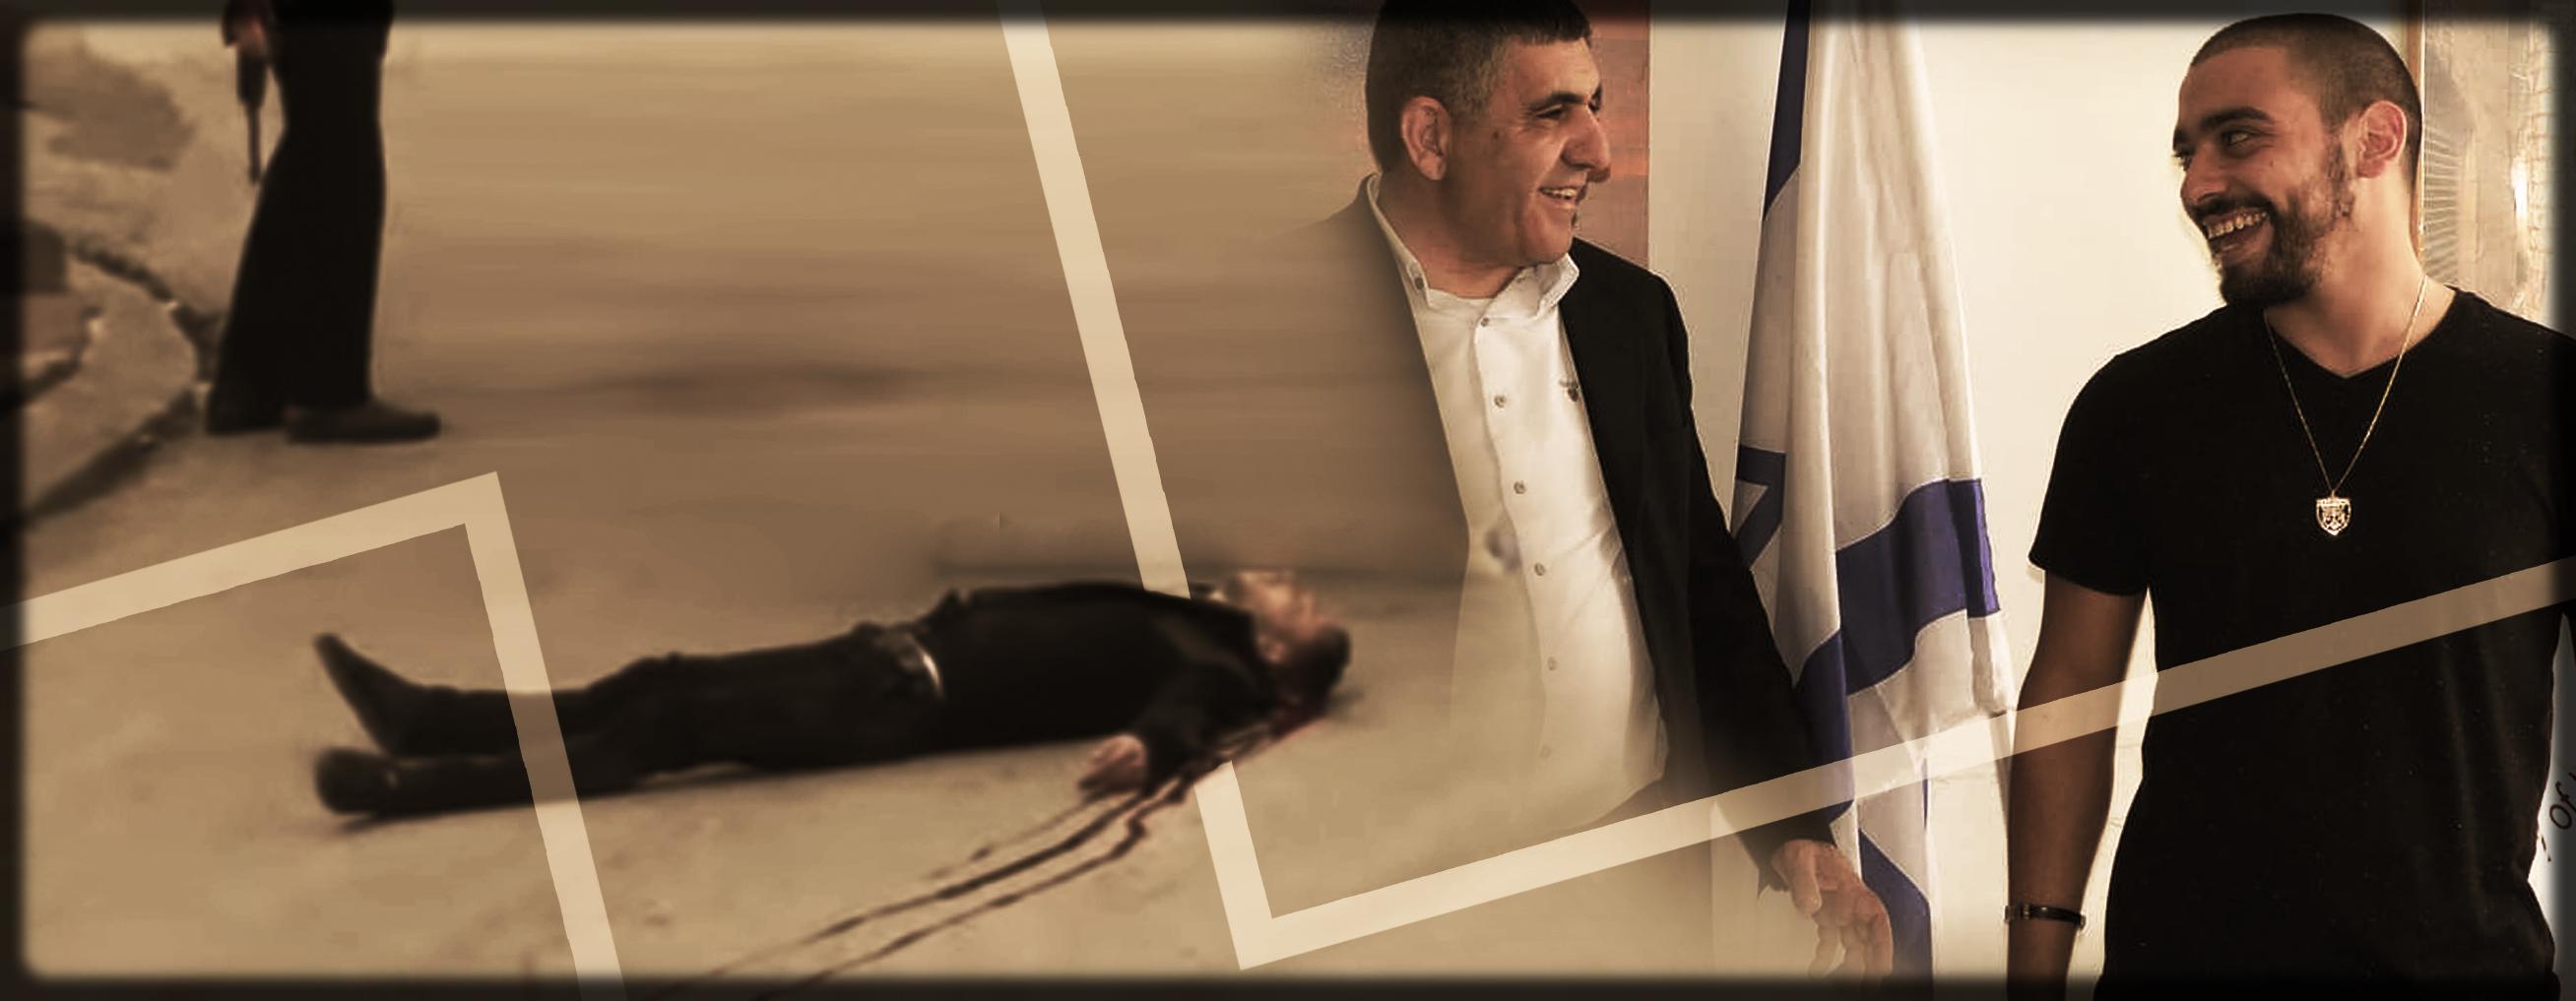 Vom kaltblütigen Mörder zum Nationalhelden – Elor Azaria und die Tragik israelischer Politik